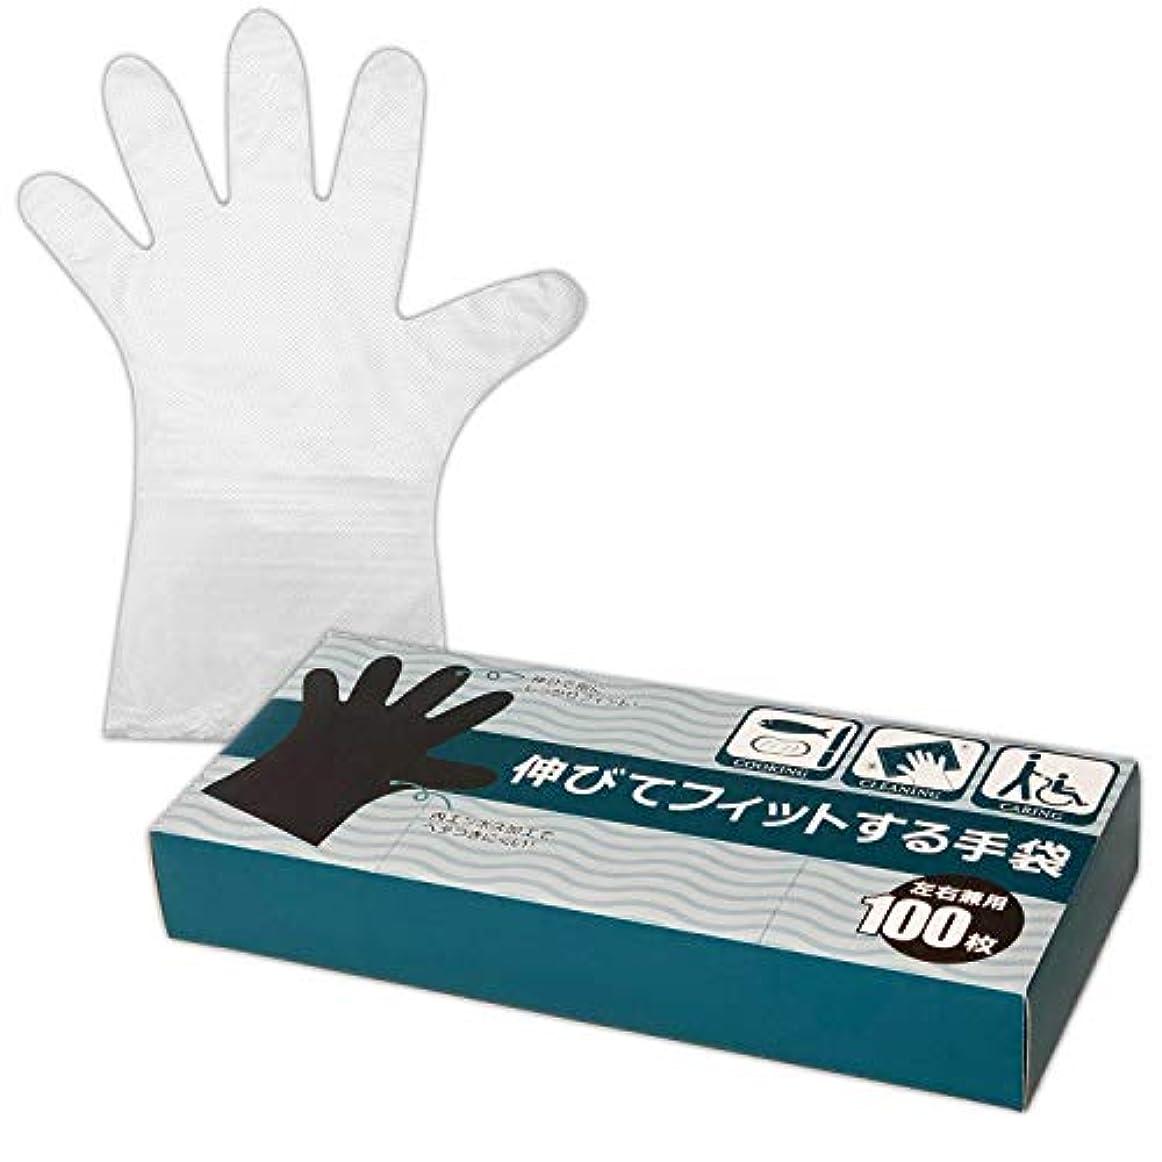 参照するアシュリータファーマンリーダーシップ伸びてフィットする手袋 100枚入 使い捨て 作業用 キッチン 掃除 料理 介護